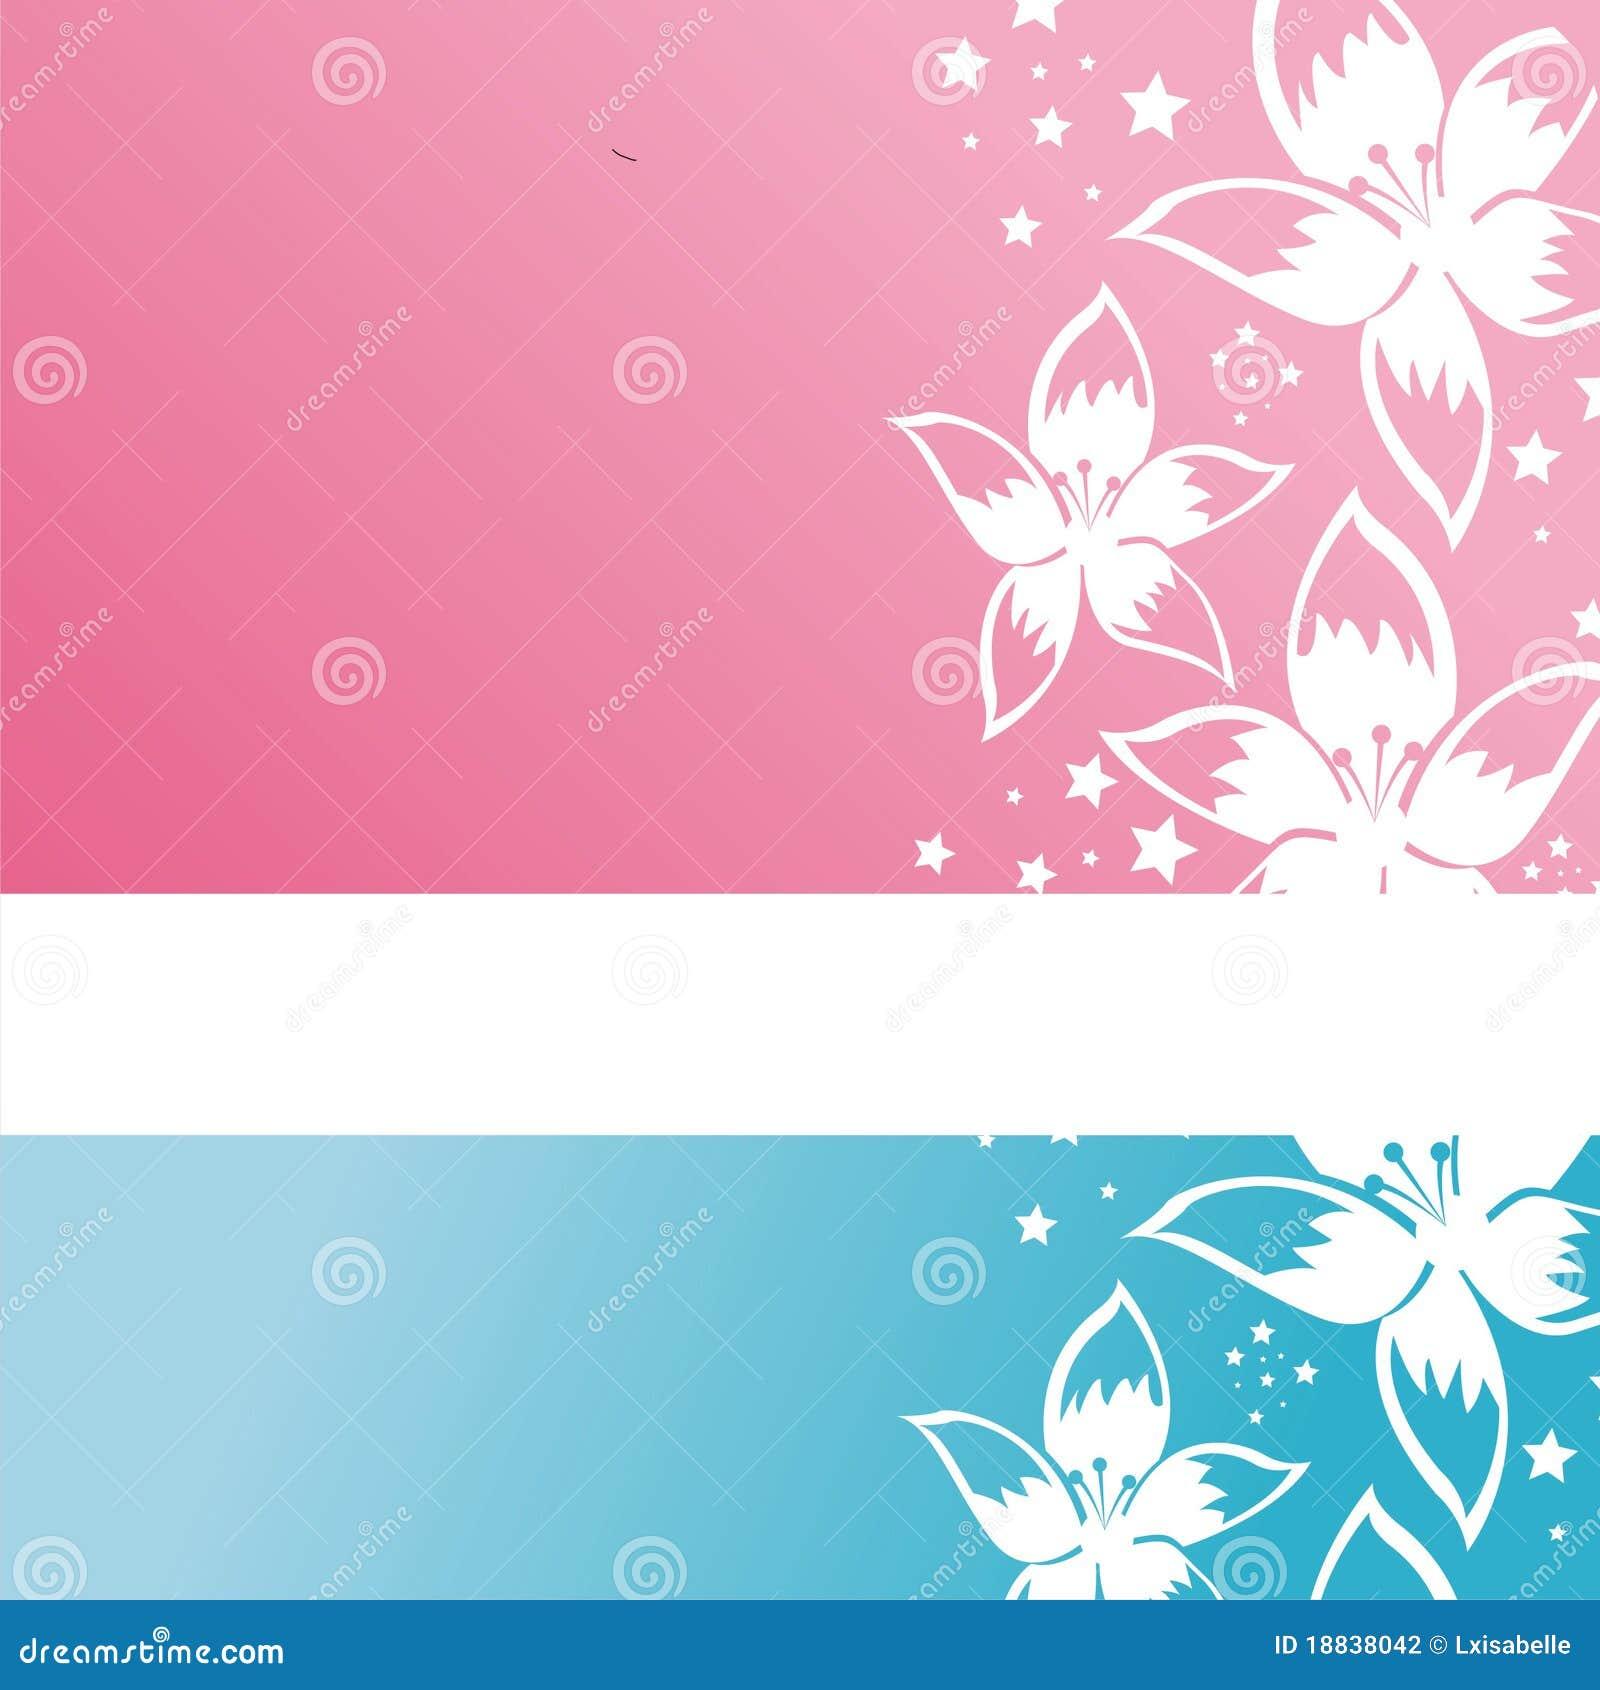 Download Modern Floral Background Stock Vector. Illustration Of Flower    18838042